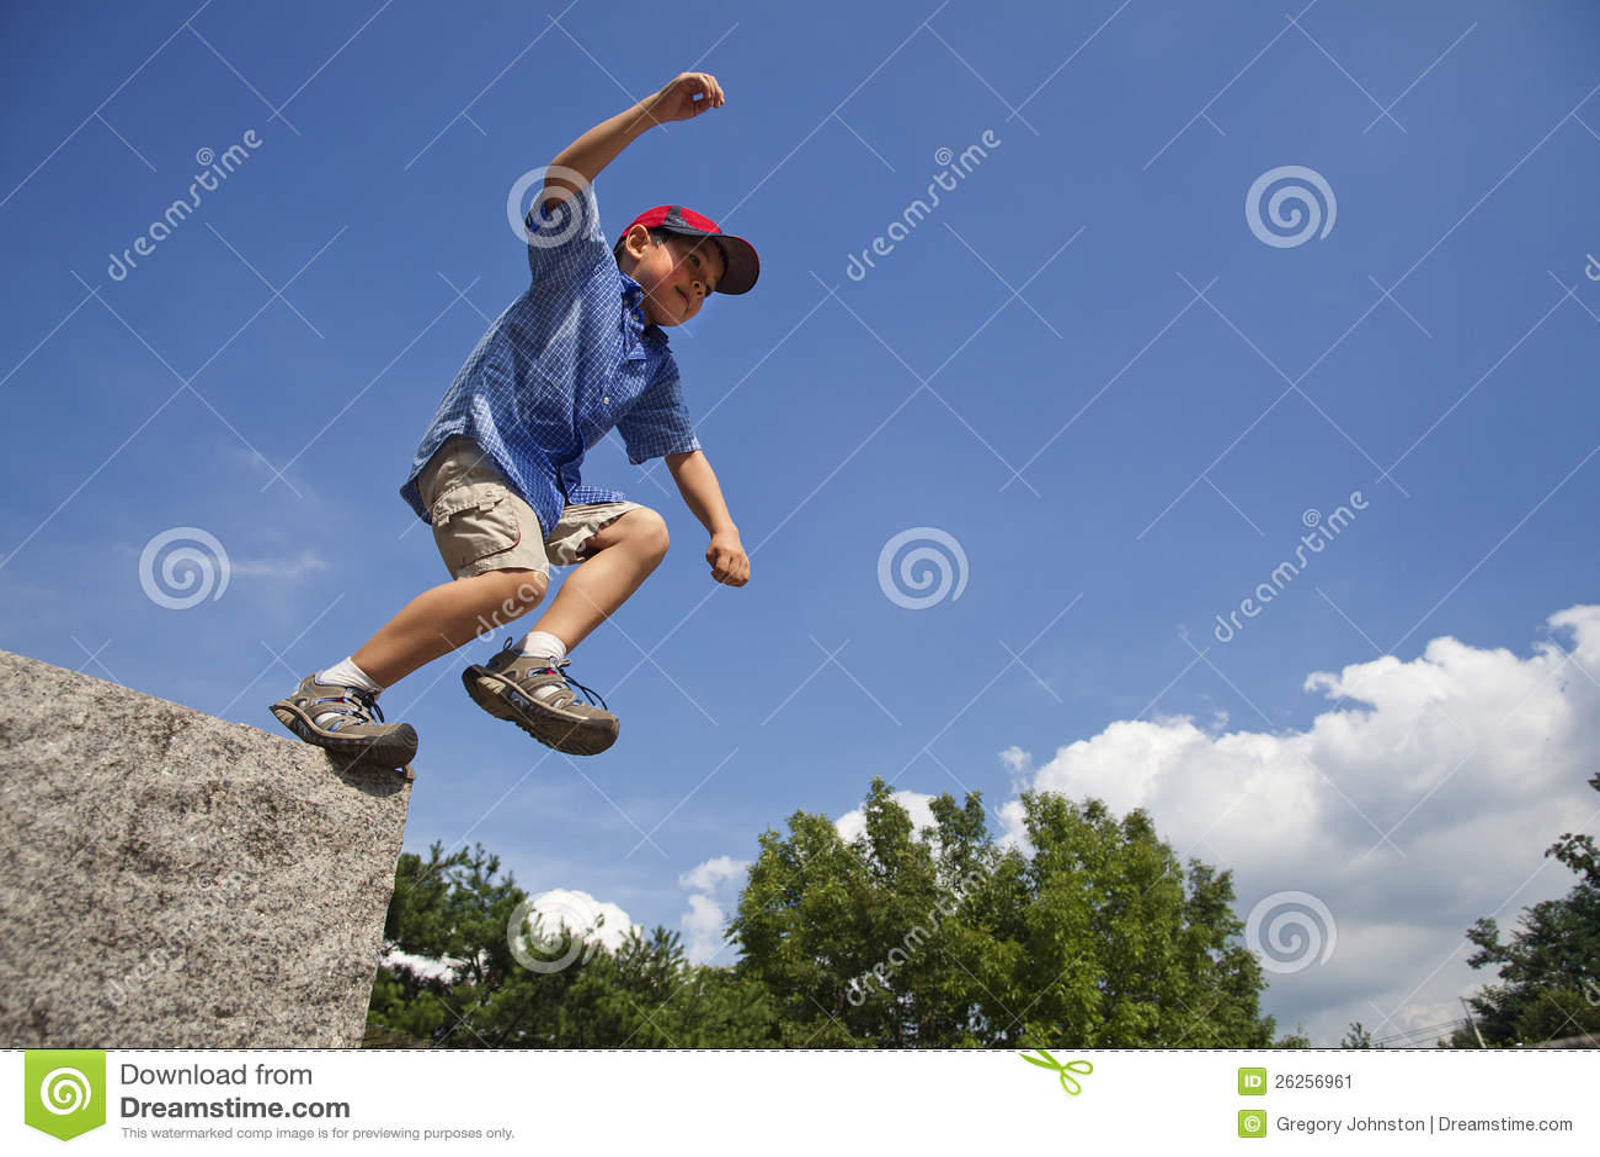 Le garçon saute de la roche.